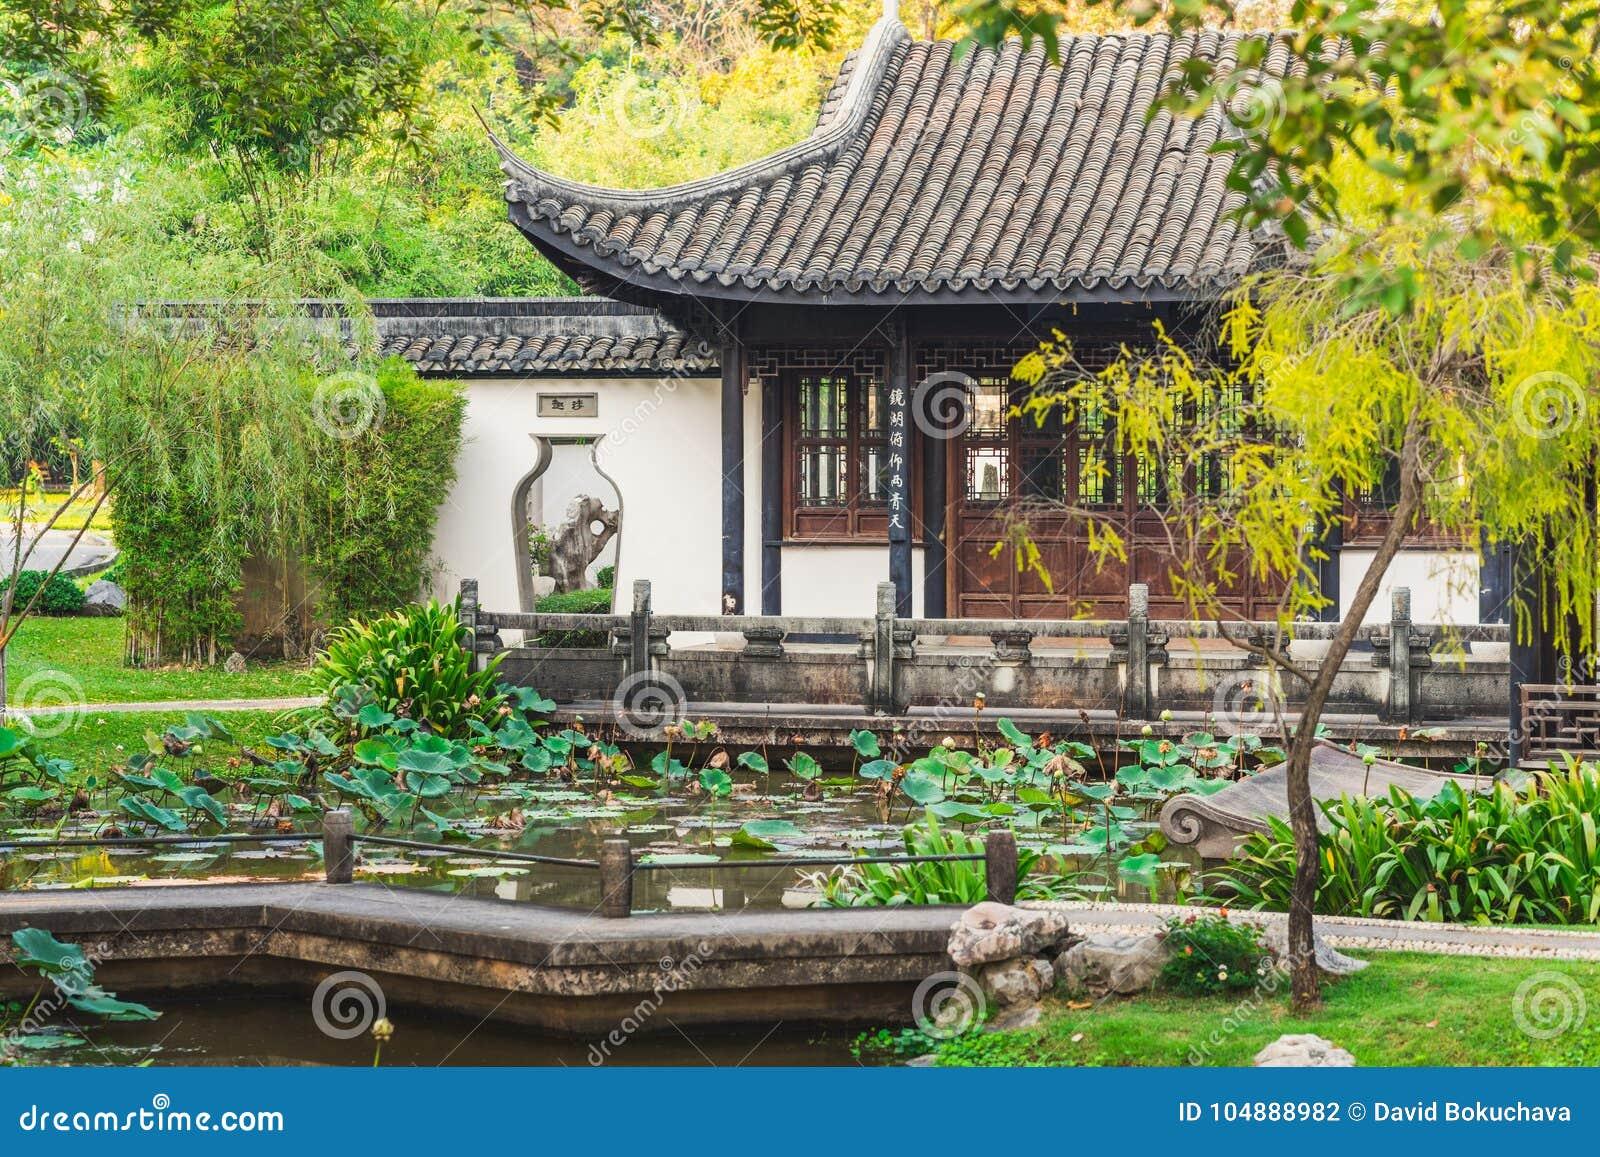 Chinees huis in de tuin stock foto. afbeelding bestaande uit ontwerp